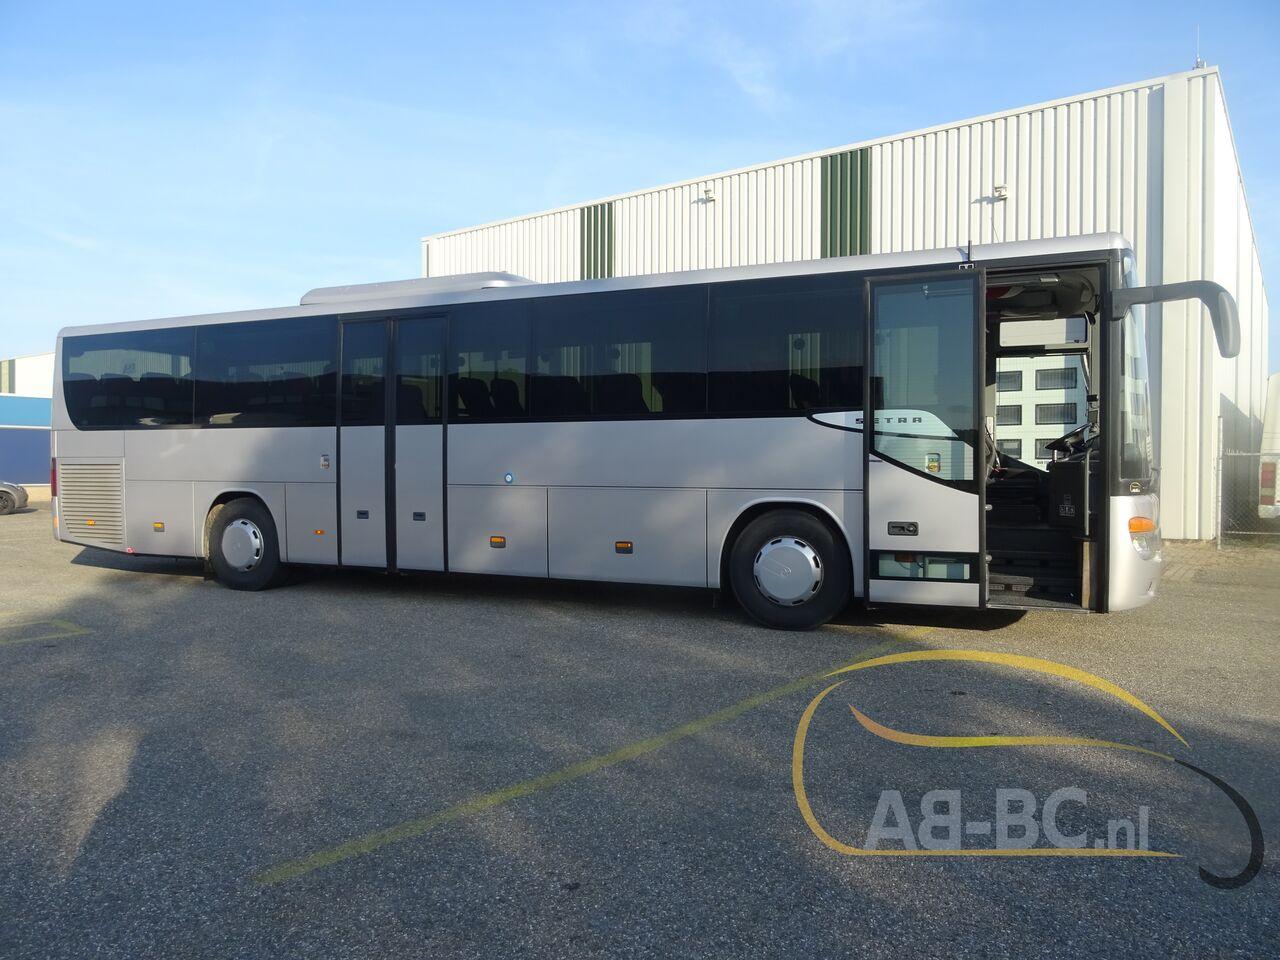 coach-bus-SETRA-S415H-52-Seats-EURO-6-Liftbus---1630913169753644523_big_6cb20aab89aac50938dd13424d809843--21070517141280735500